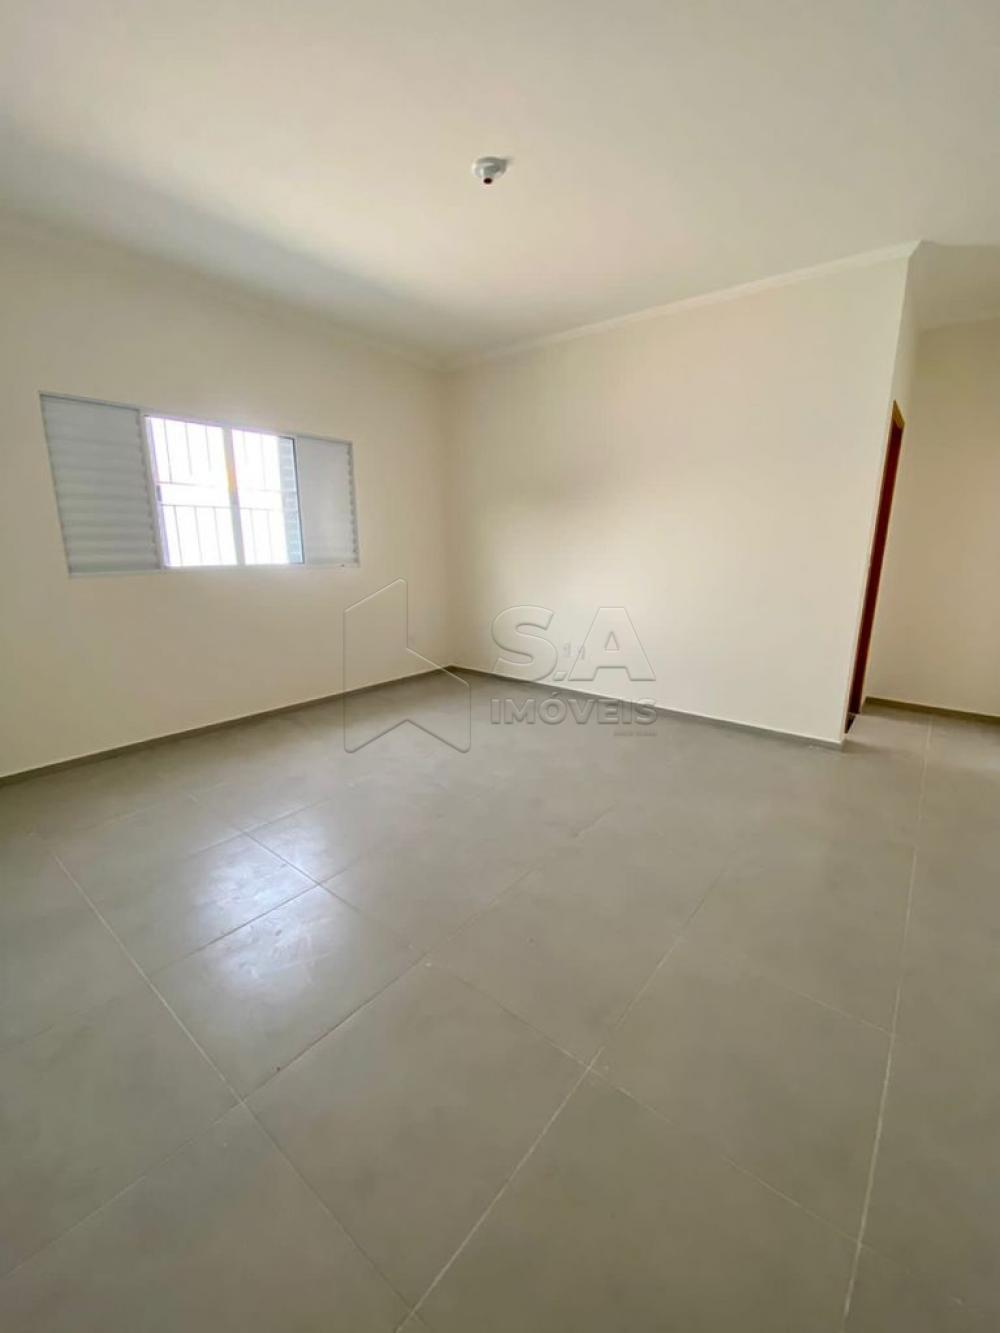 Comprar Casa / Padrão em Botucatu R$ 370.000,00 - Foto 4